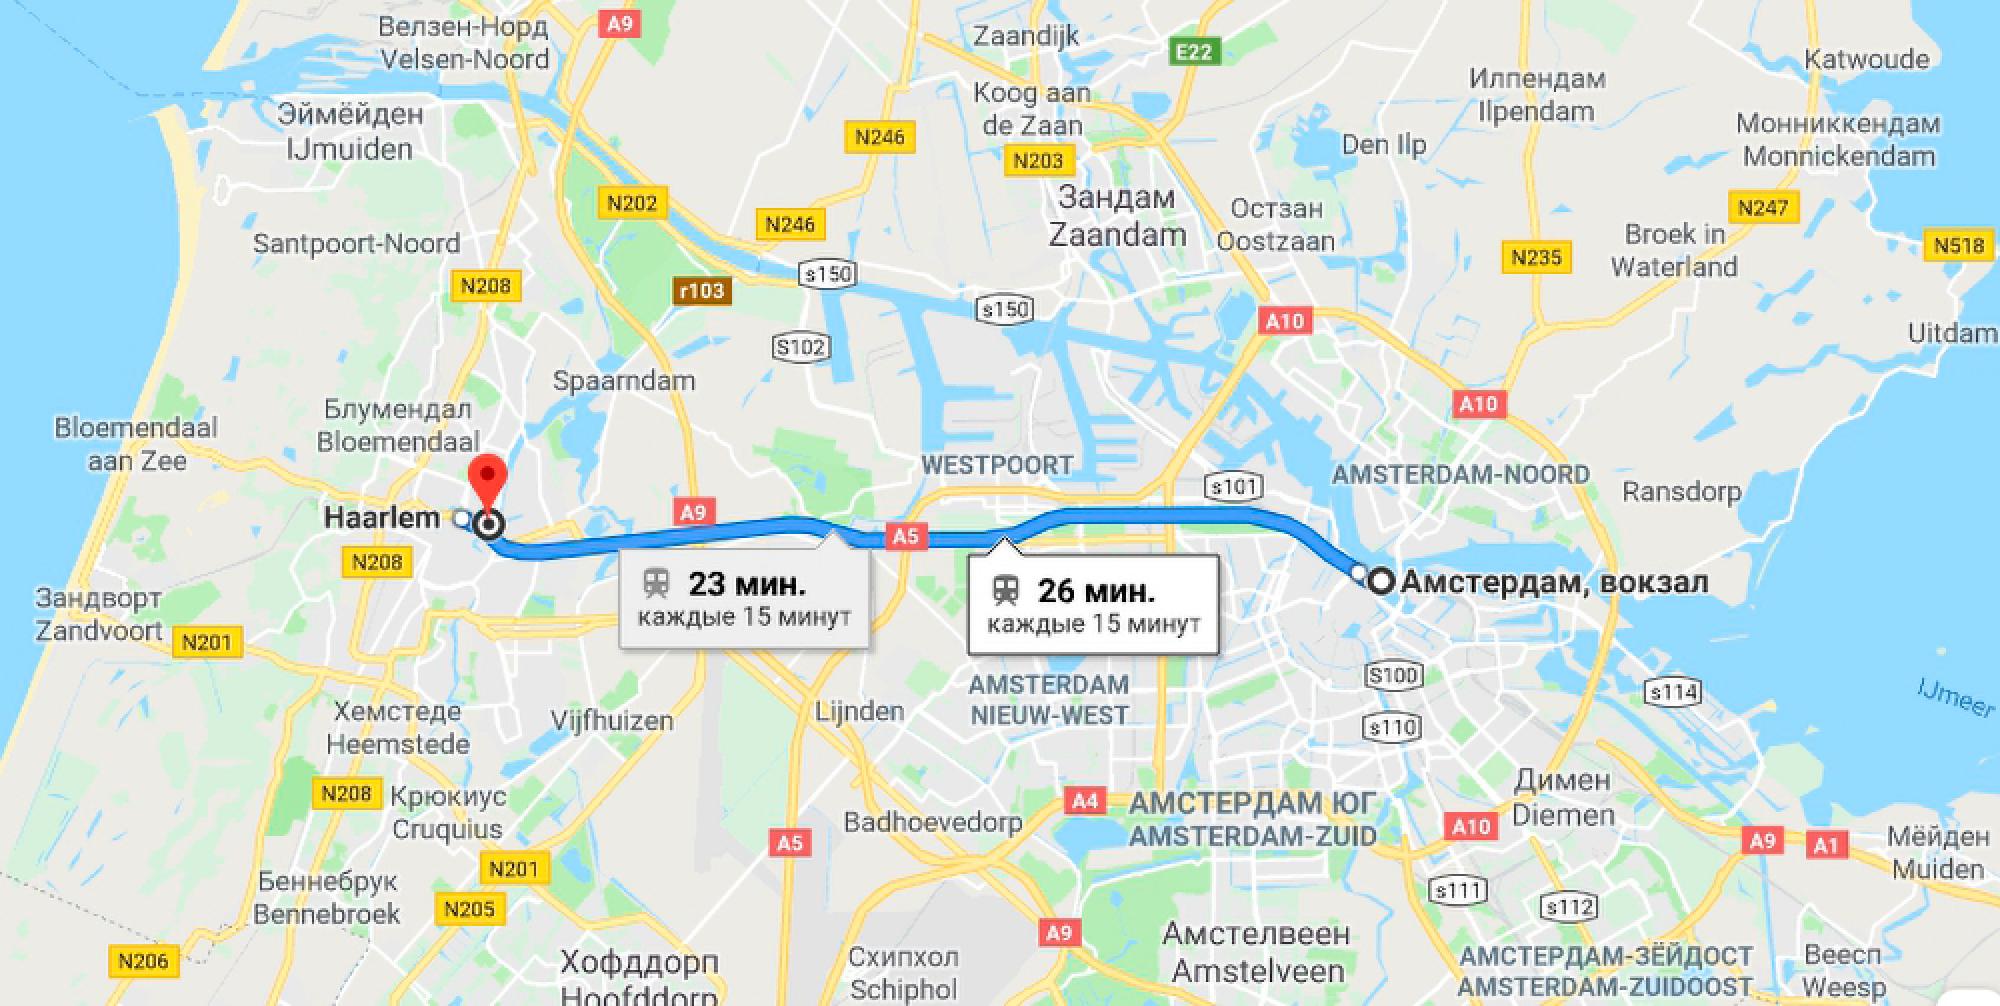 От Амстердама до Харлема ехать 30 минут. Это значит, что каждый день придется тратить больше часа на дорогу вместо прогулок по городу